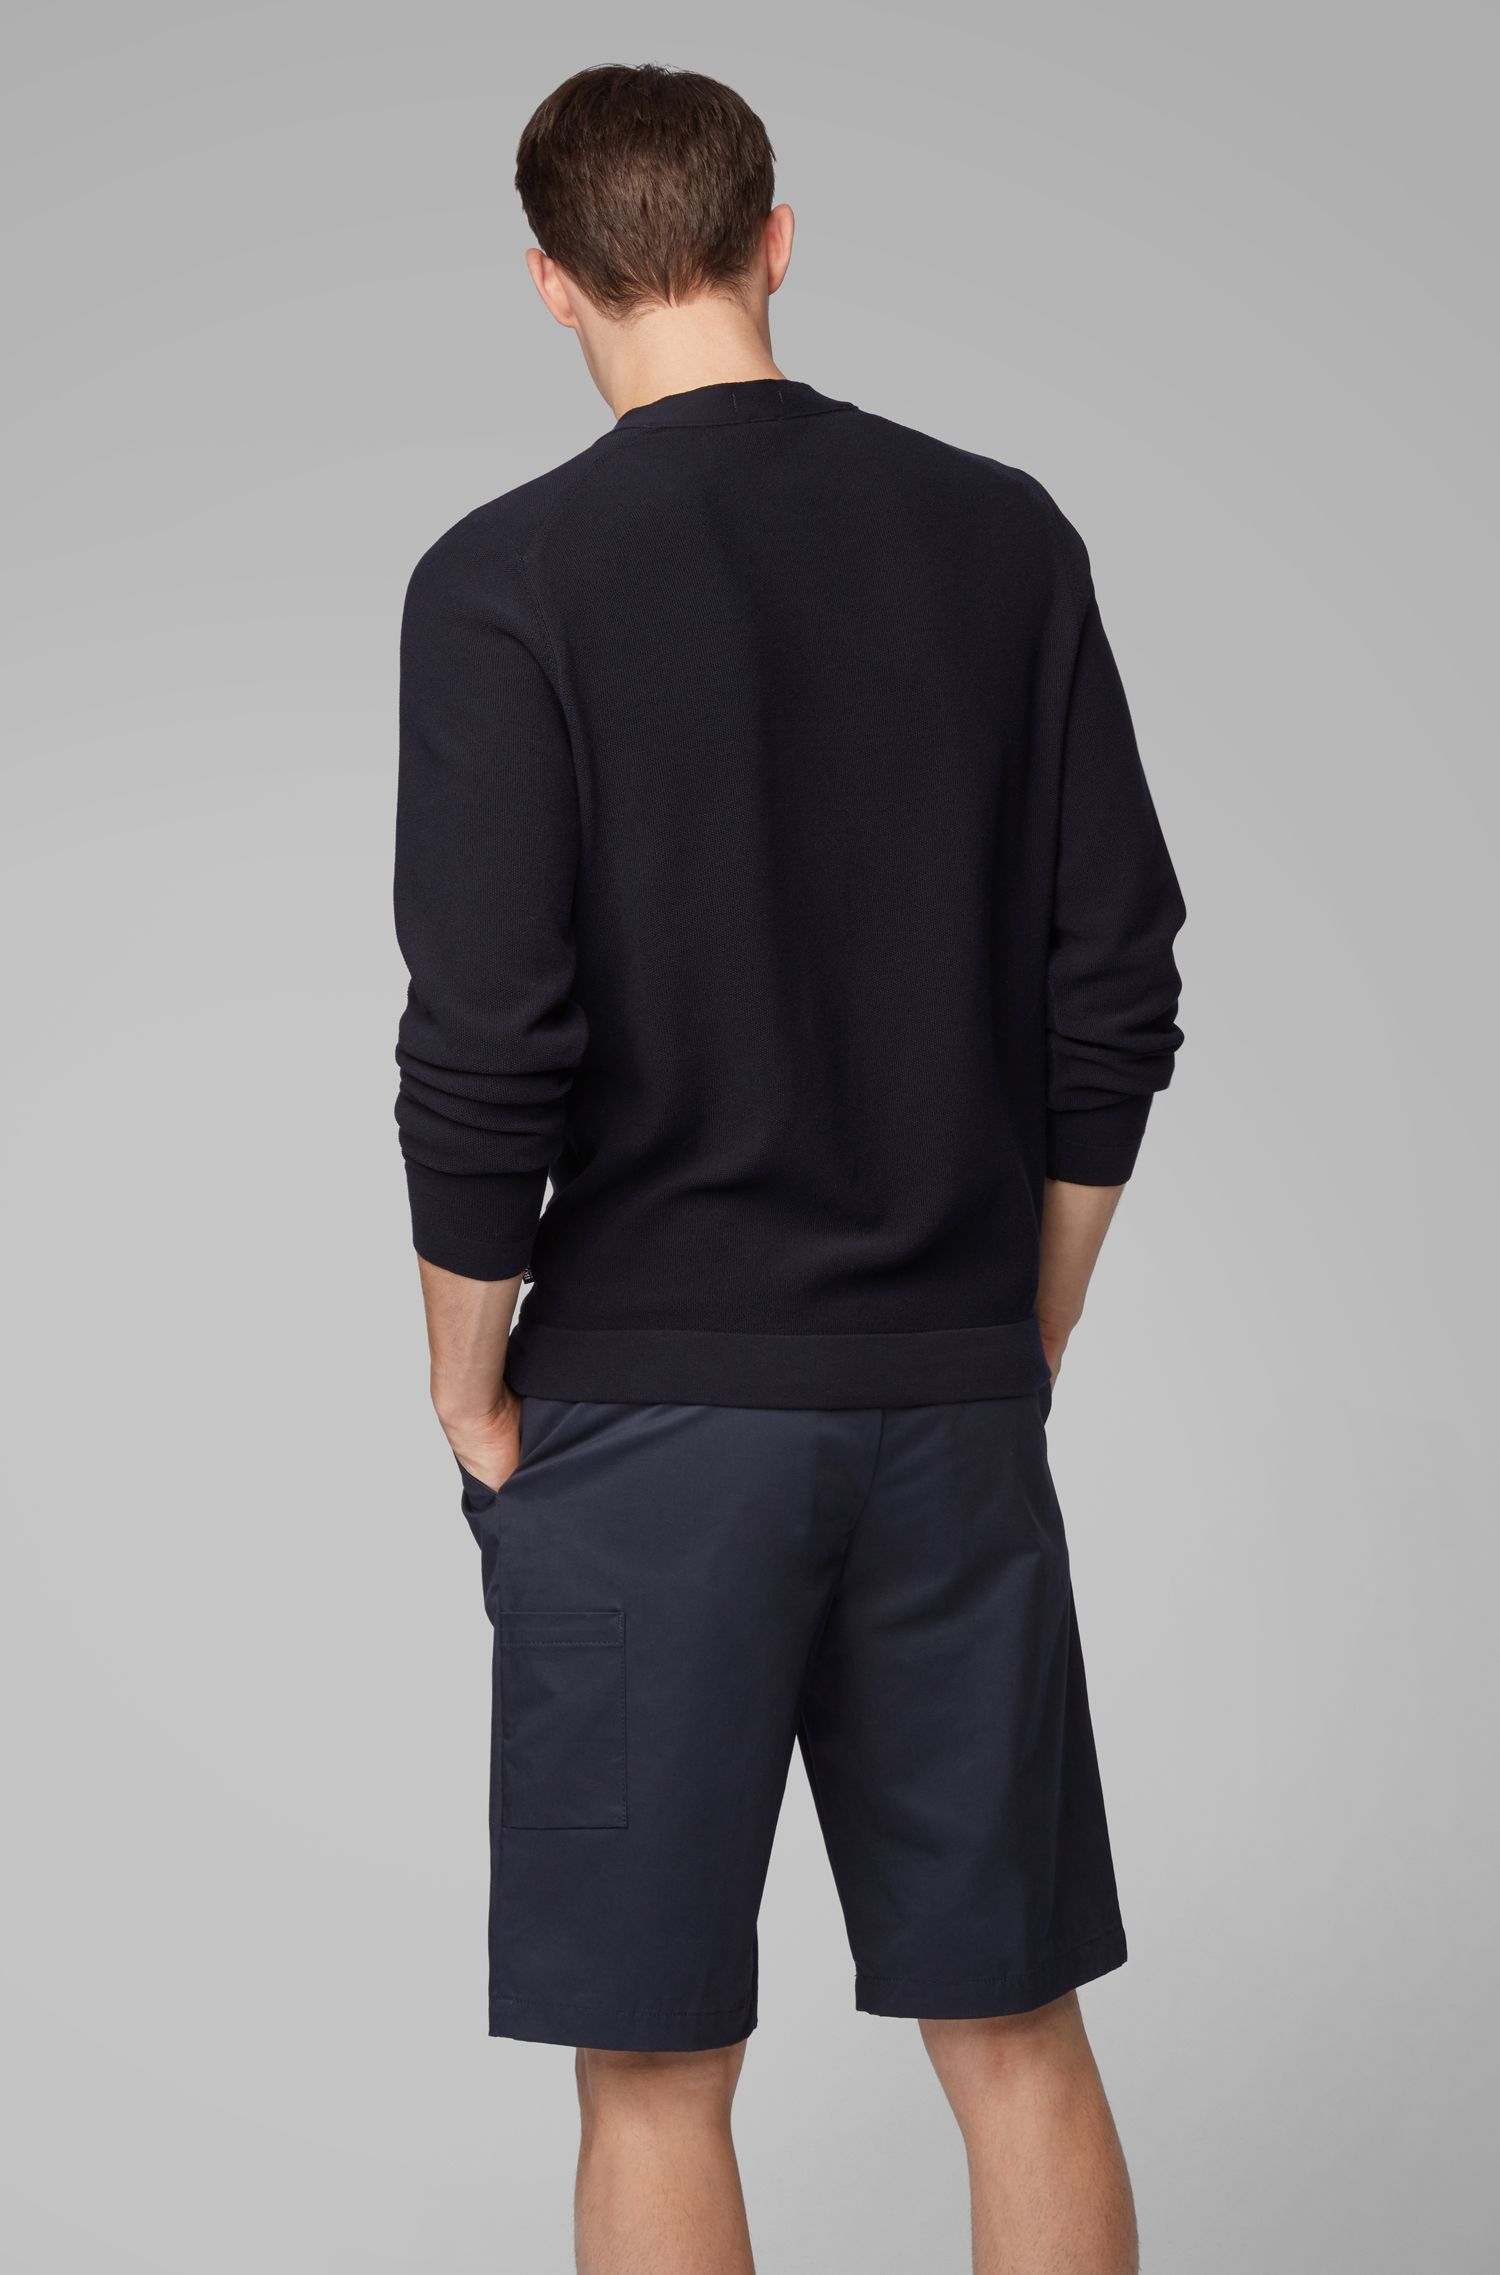 Cardigan con scollo a V in cotone microstrutturato italiano, Blu scuro